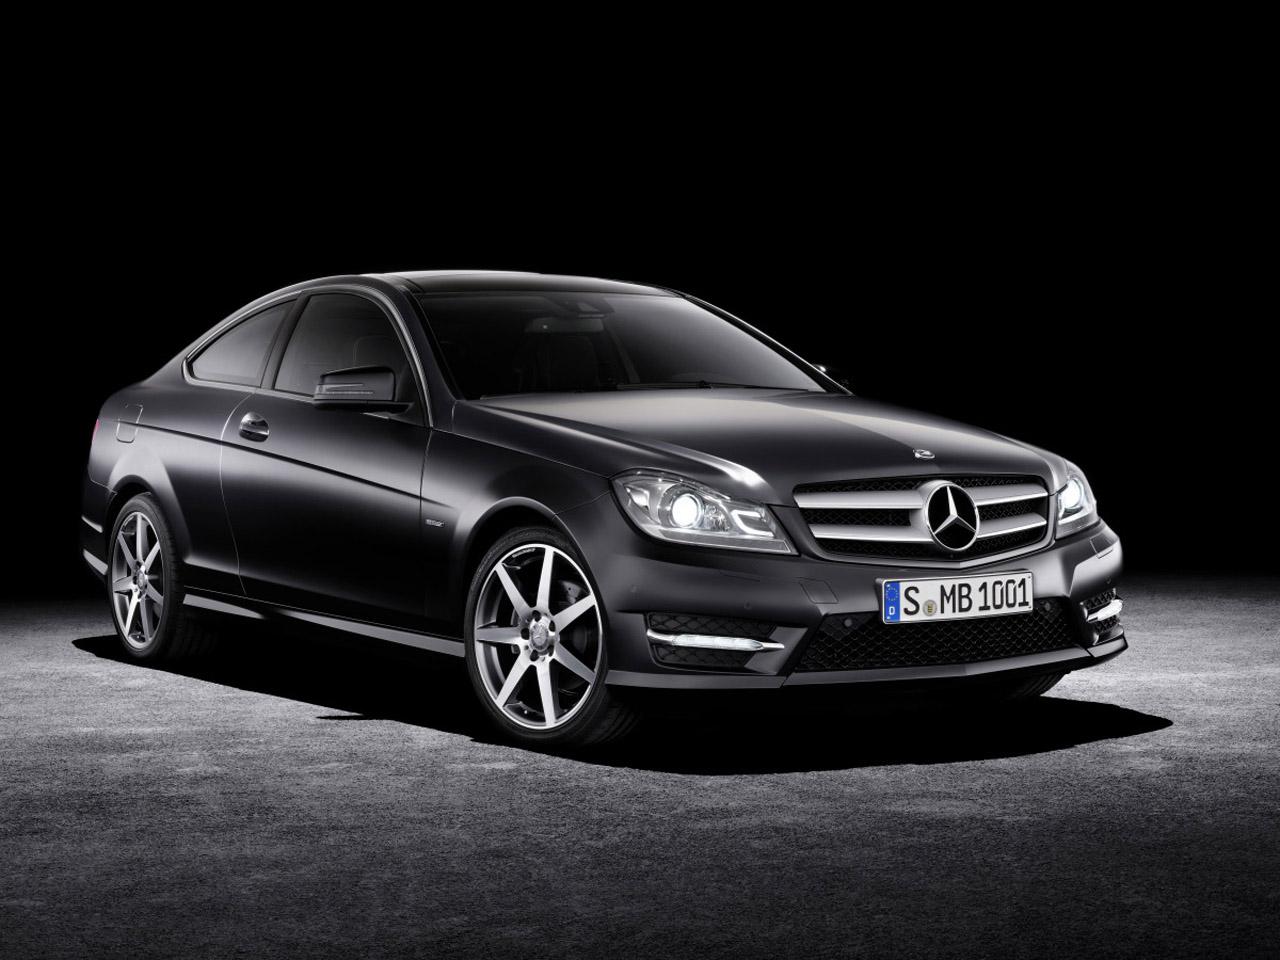 Automotive News: 2012 Mercedes-Benz C-Class C350 Coupe Review